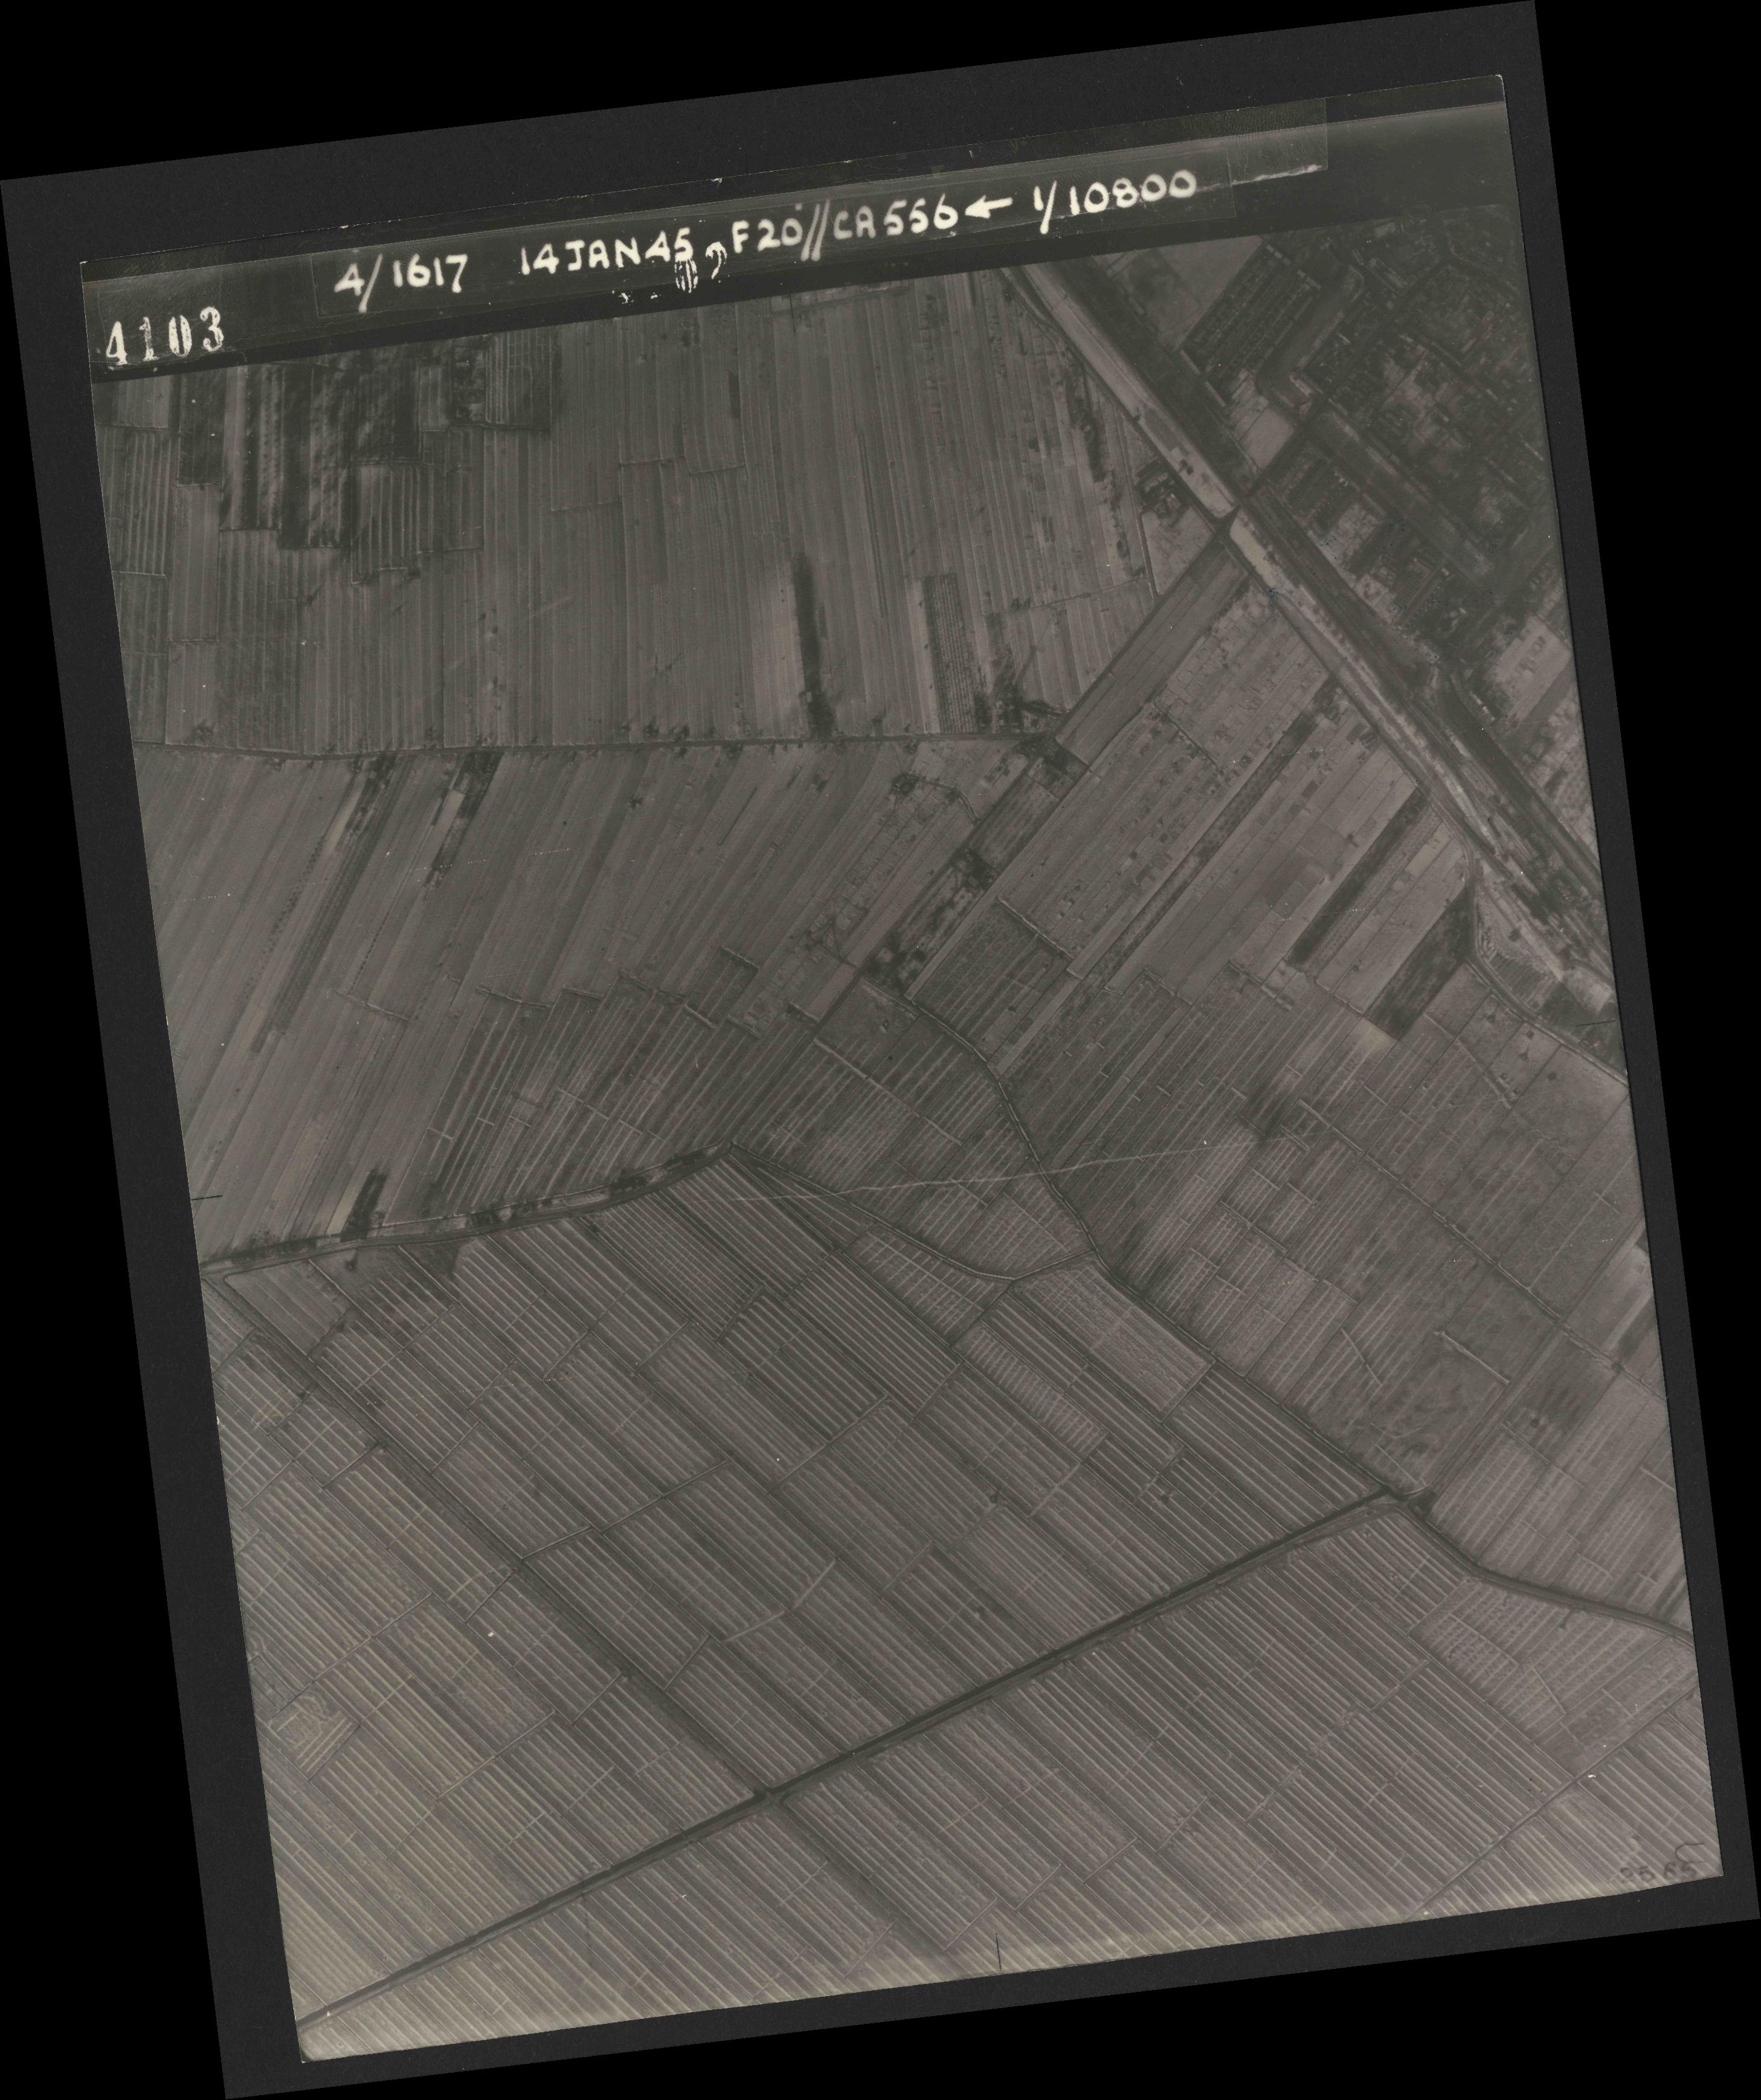 Collection RAF aerial photos 1940-1945 - flight 060, run 02, photo 4103